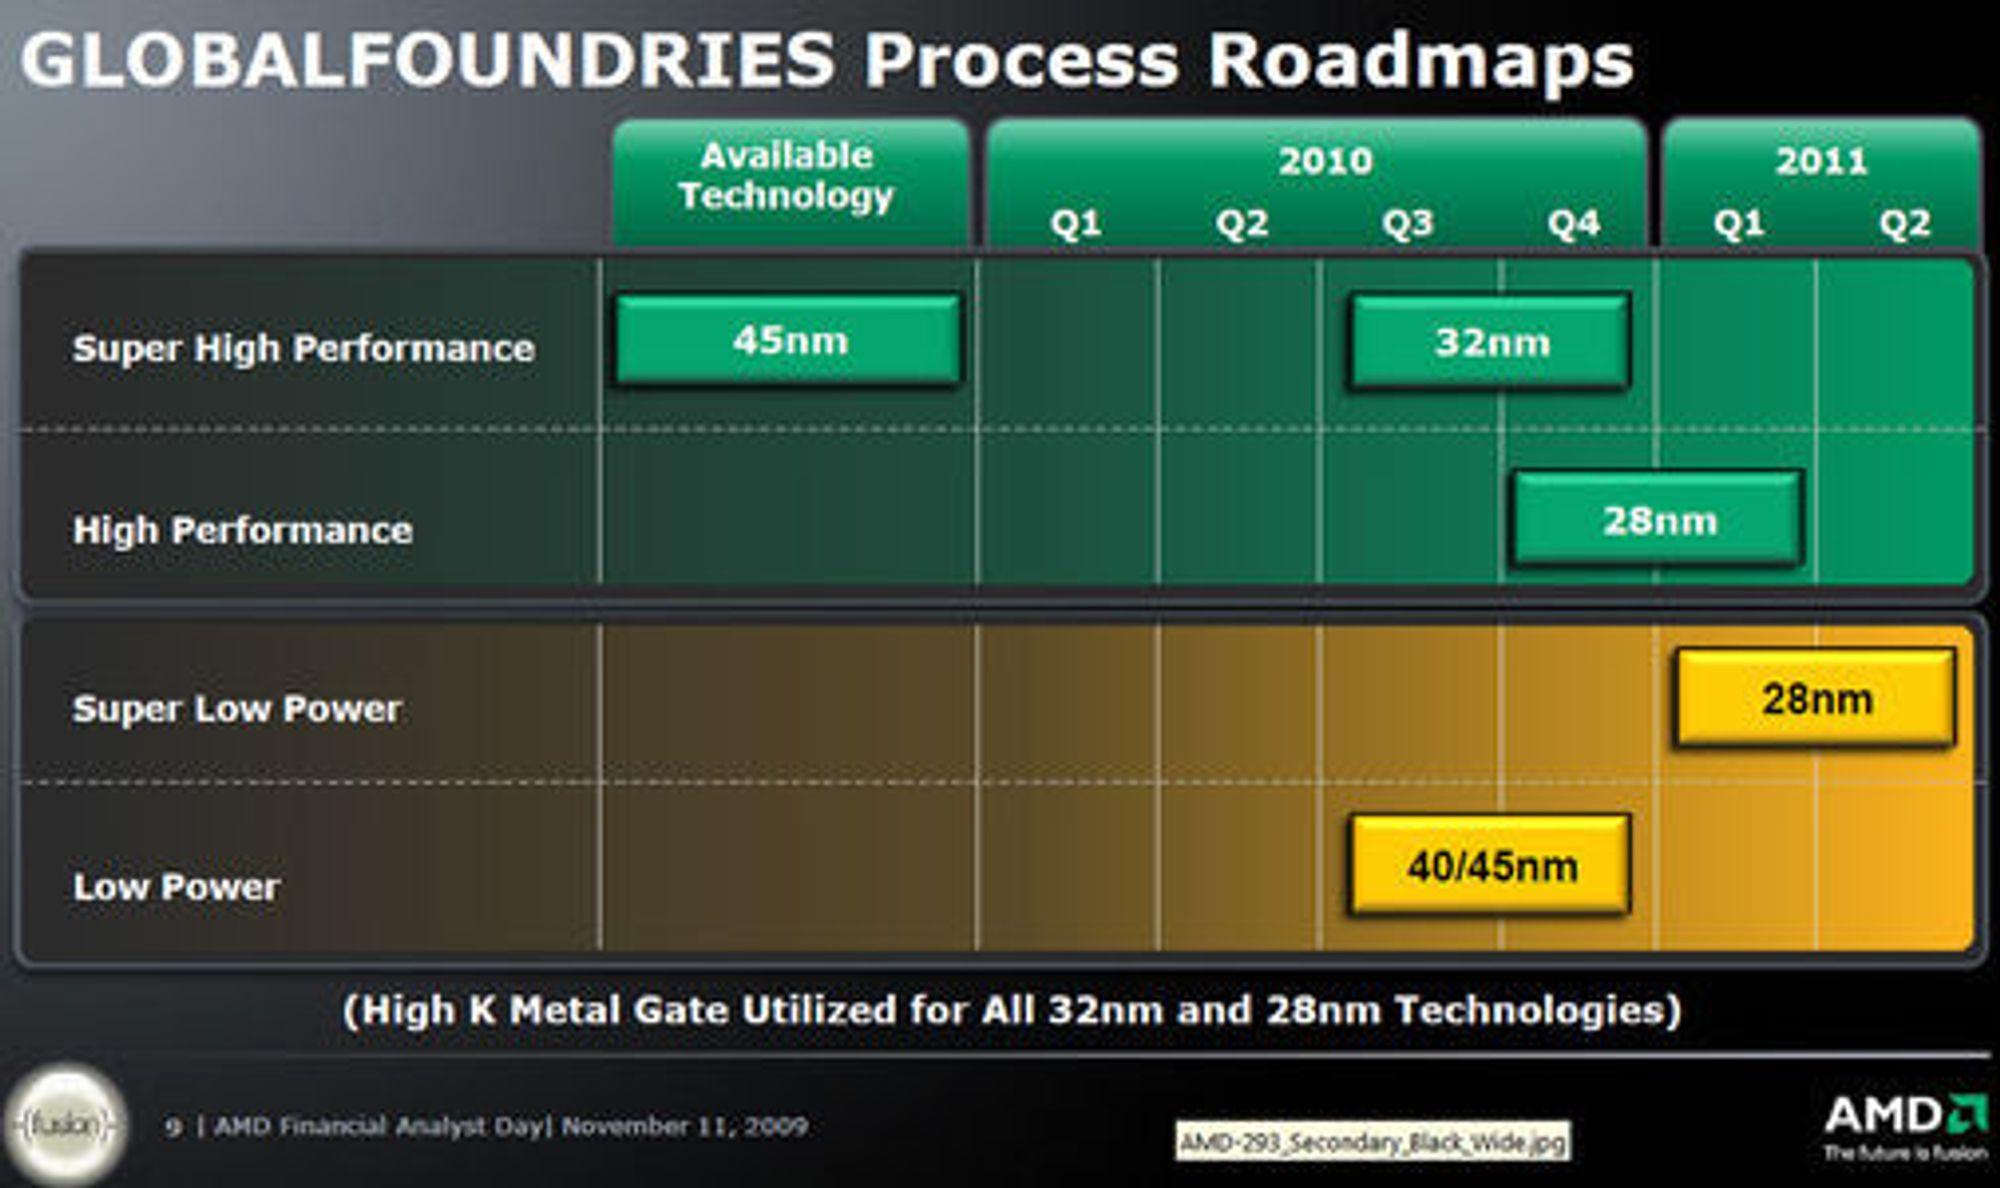 Veikart for Globalfoundries' introduksjon av nye prosessteknologier.